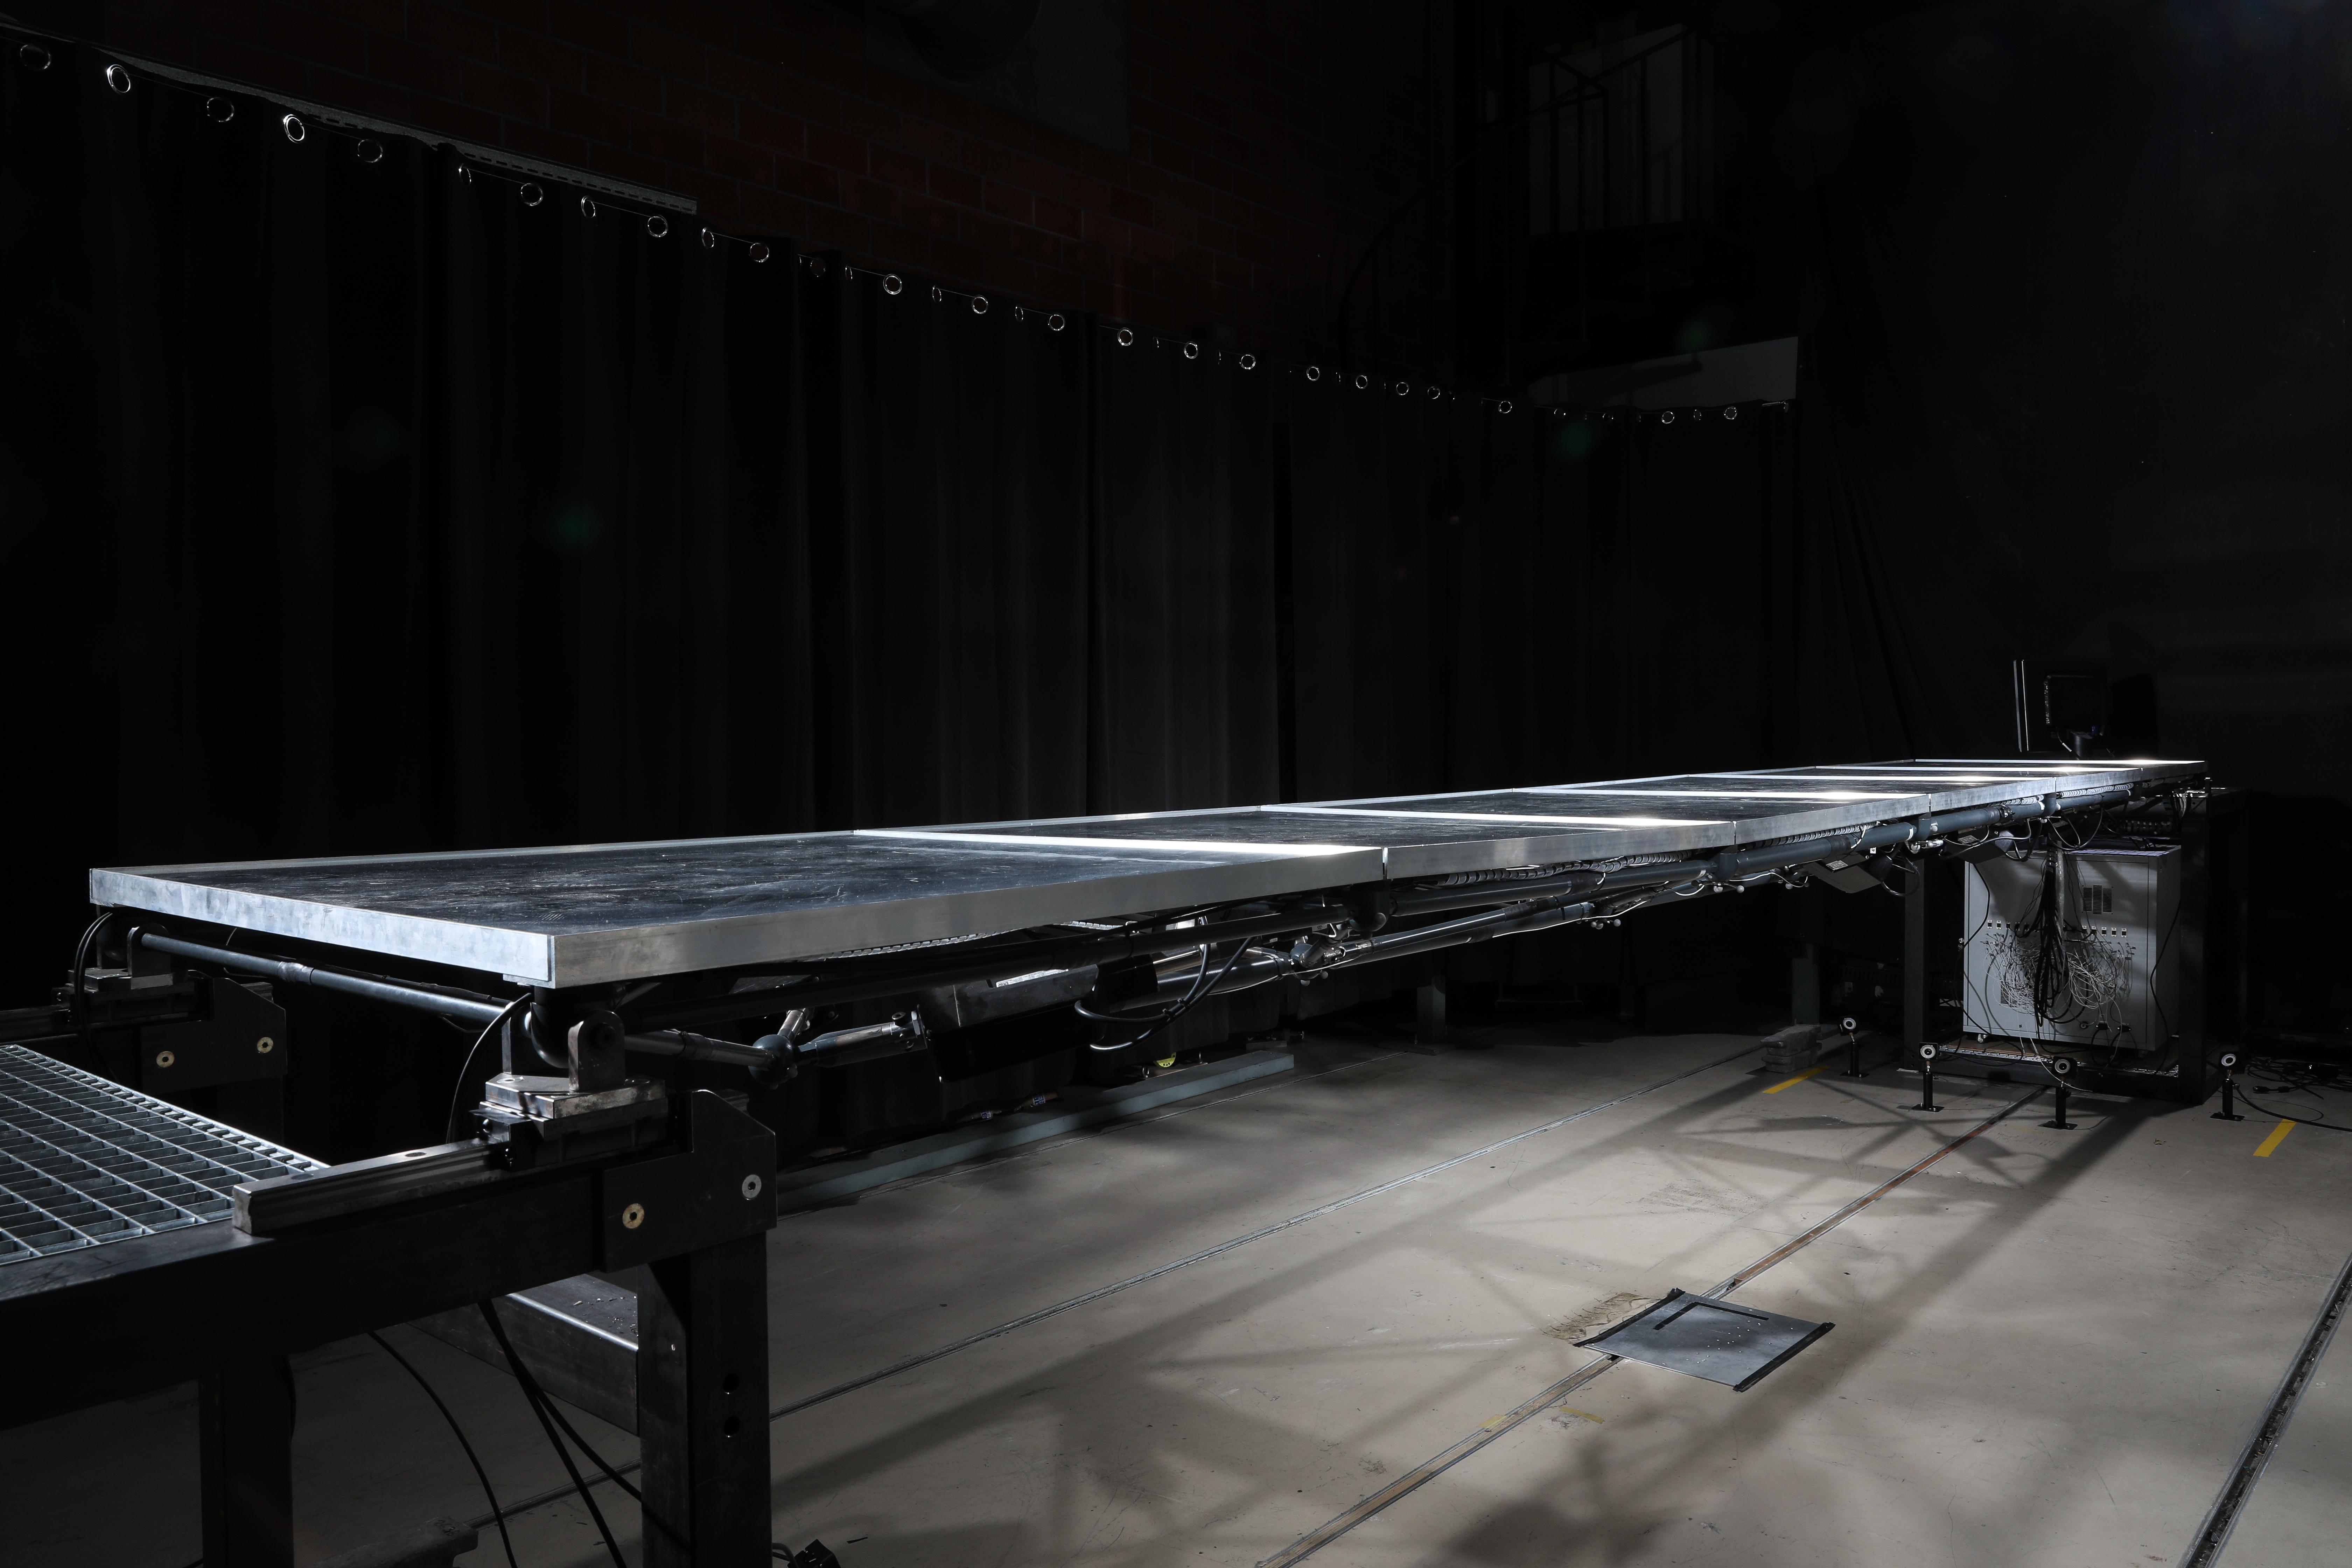 Prototyp einer Fussgängerbrücke der EPFL